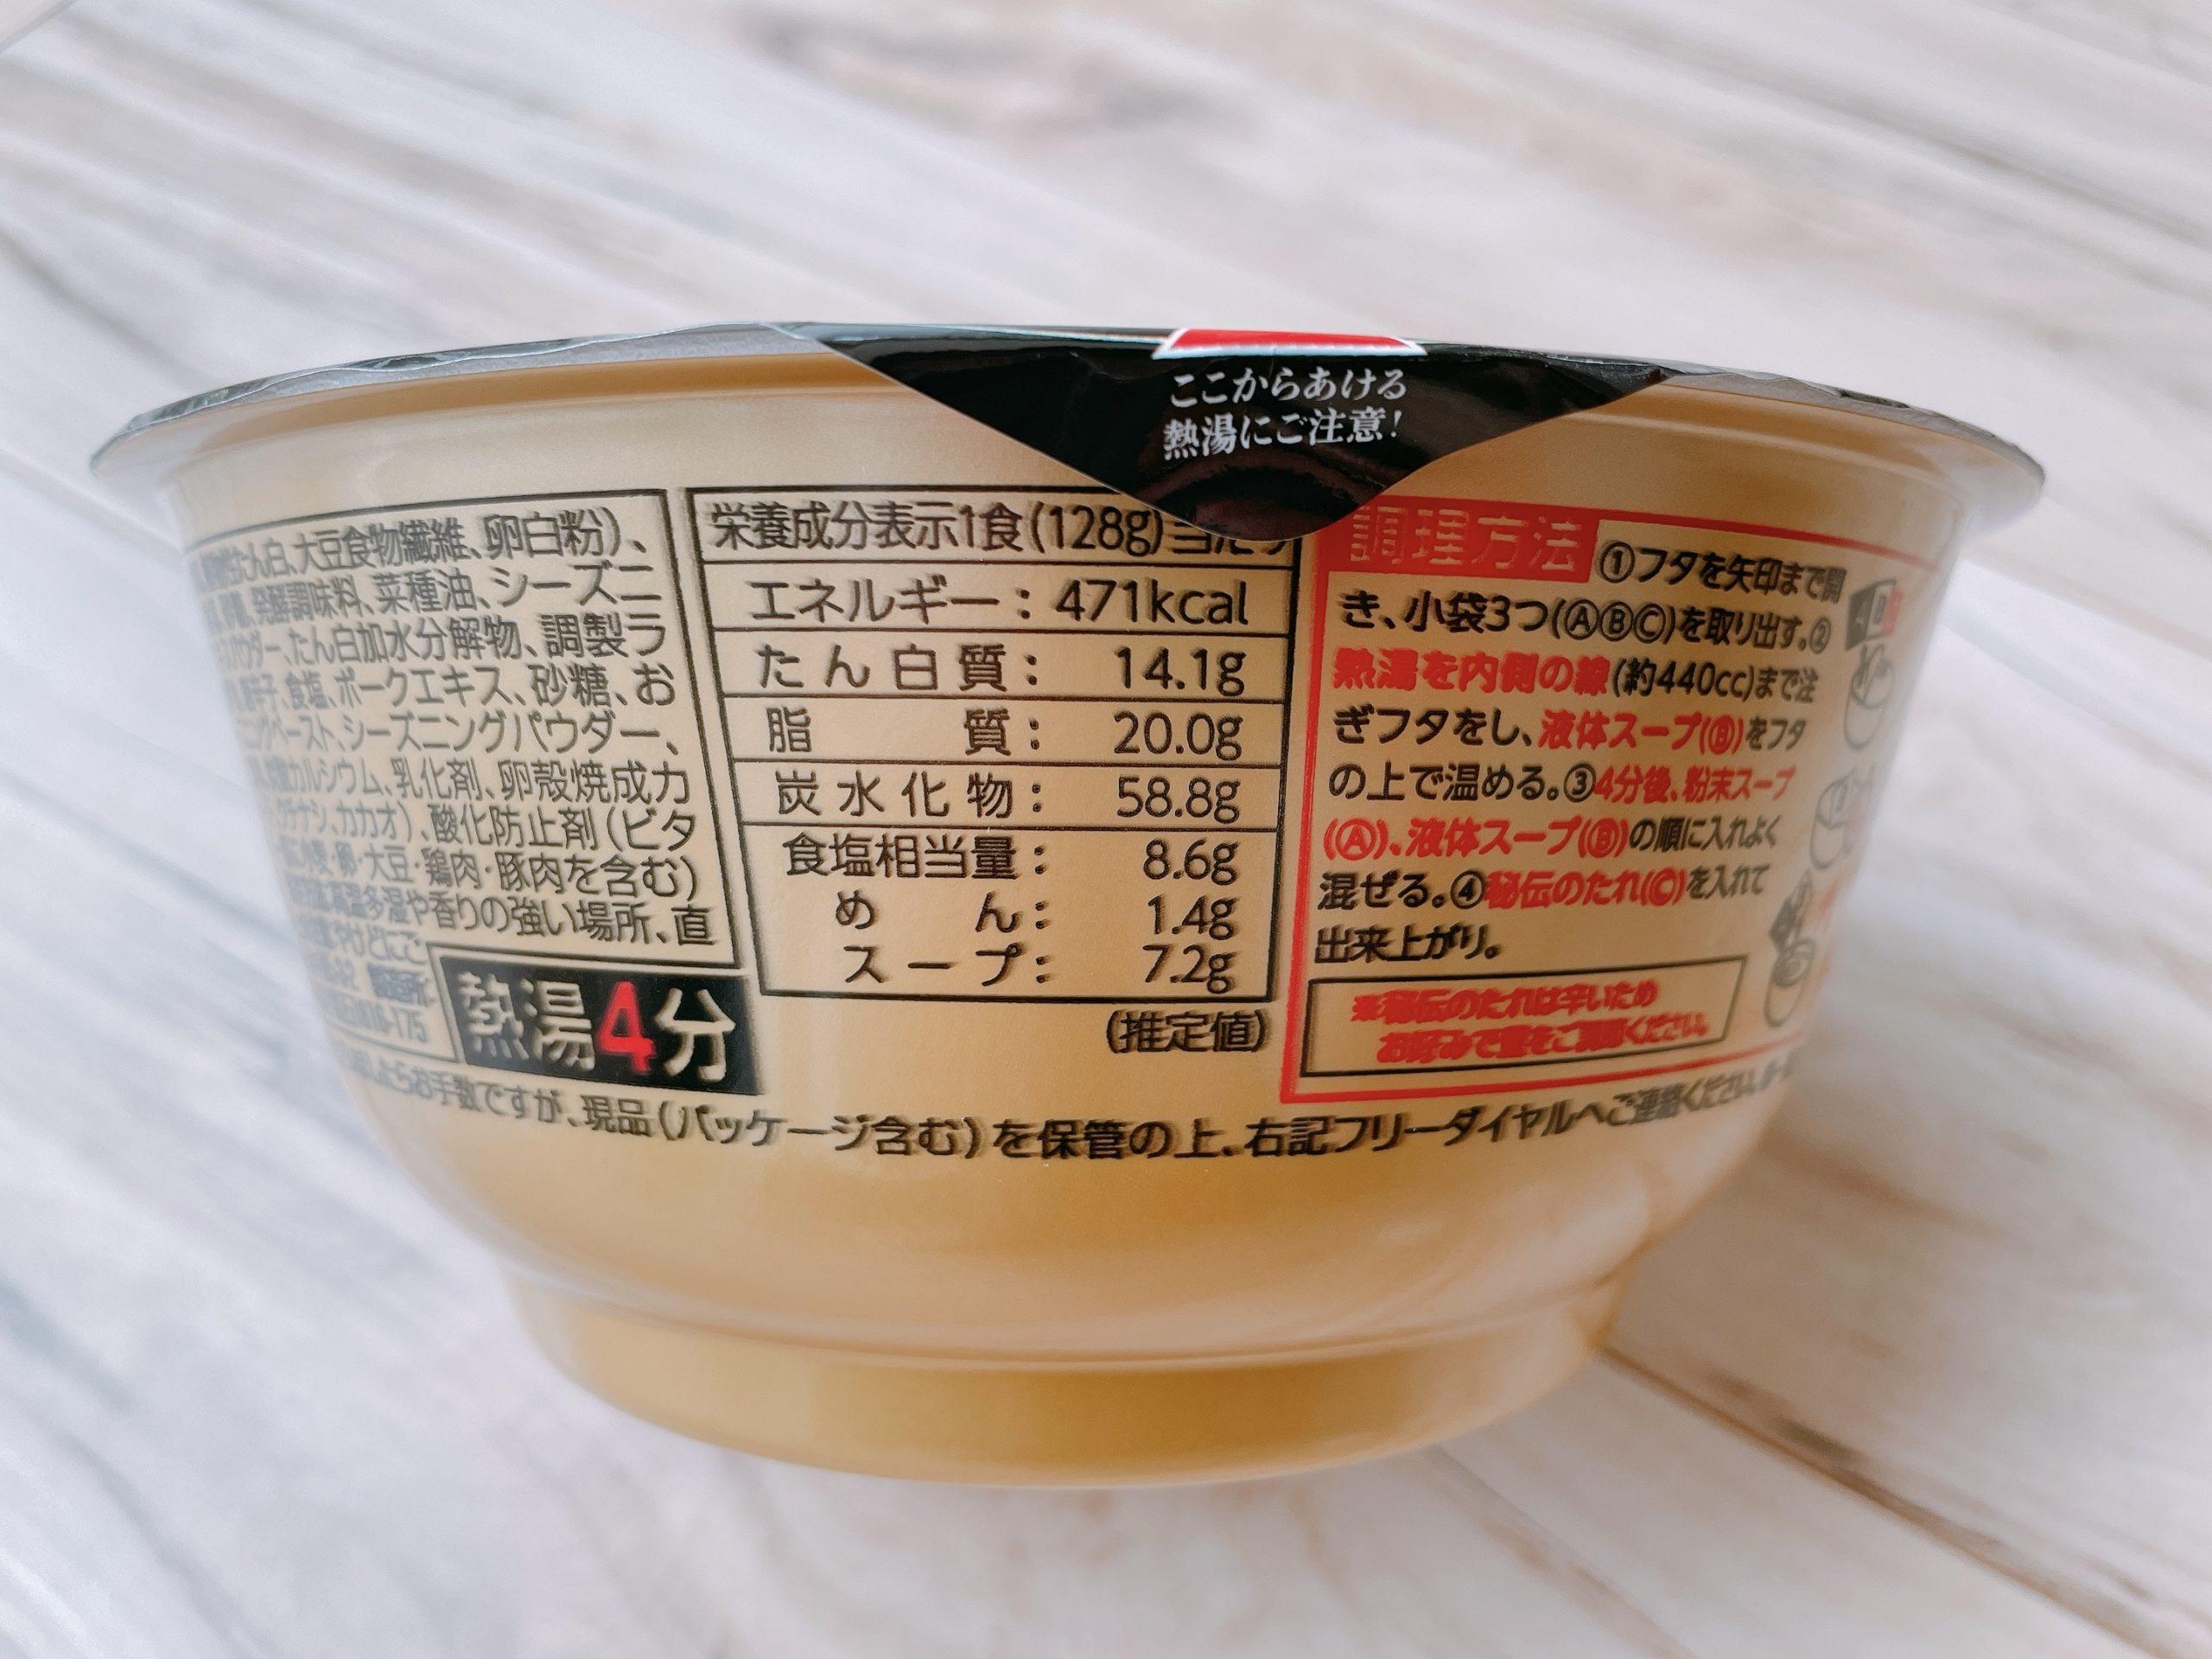 一蘭カップ麺の原材料やカロリーなど2